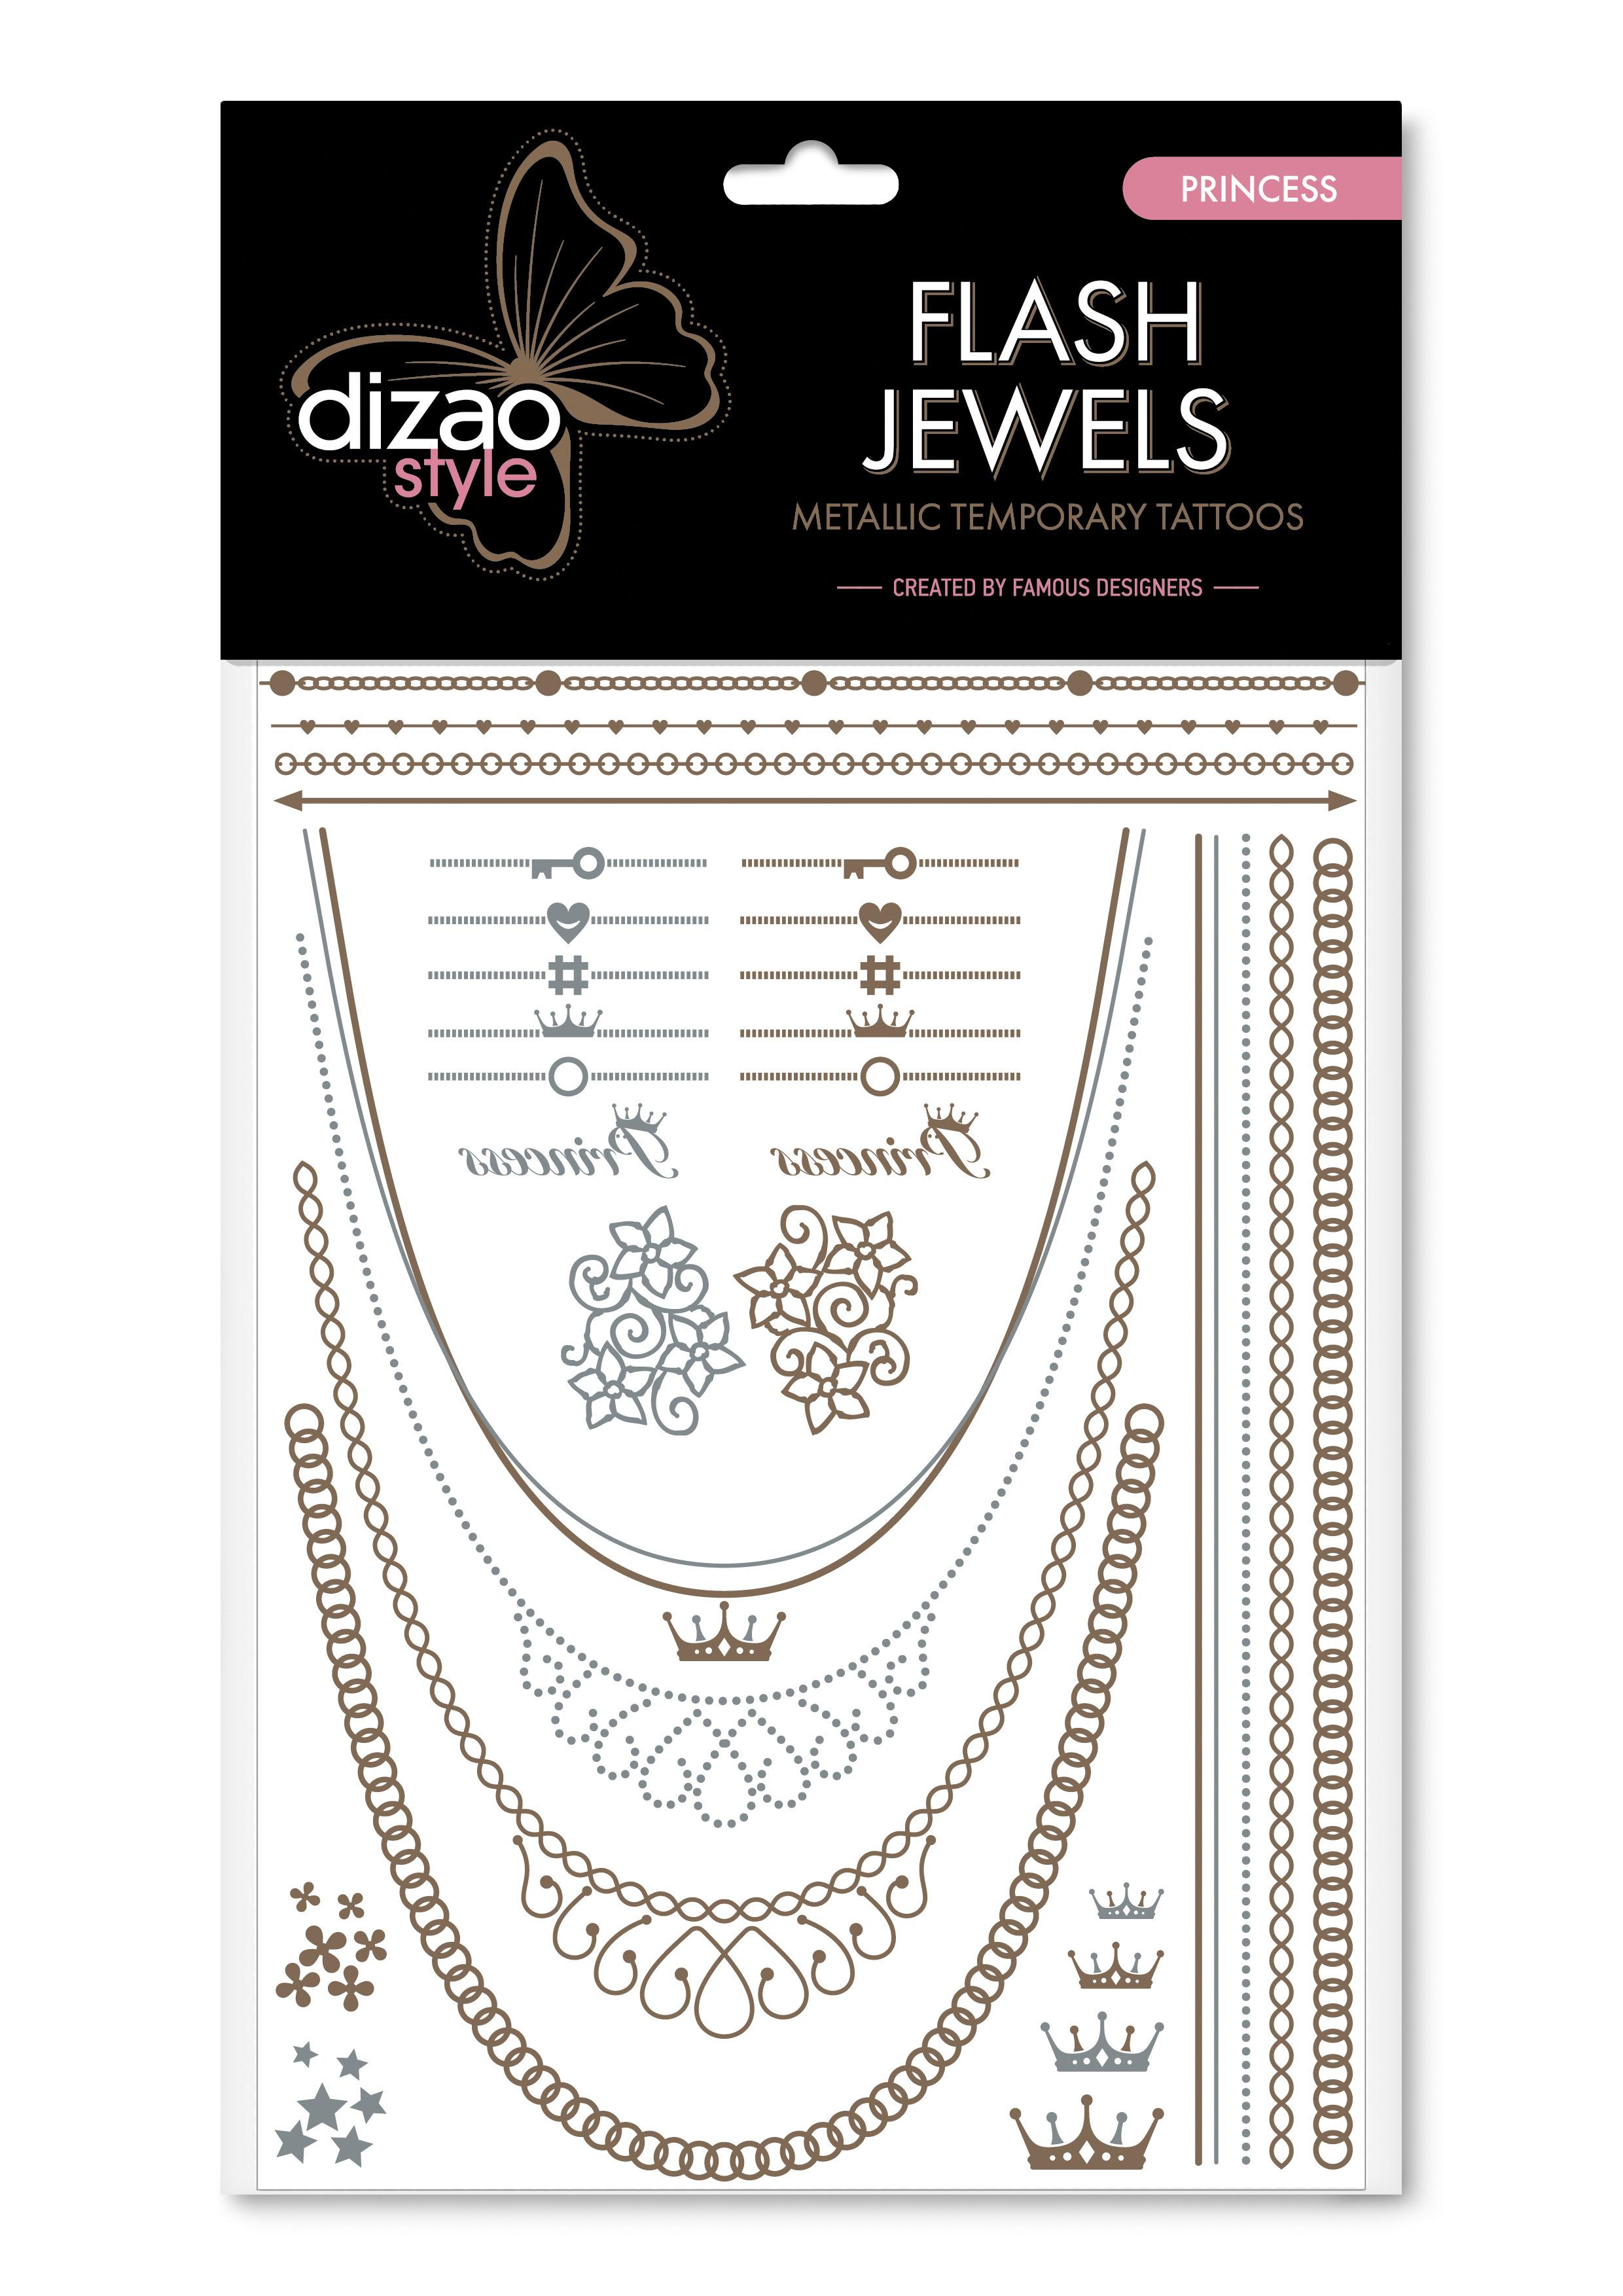 Dizao Временные золотые тату Flash Jewels: Принцесса5292452002496Оригинальные золотистые временные татуировки Dizao Flash Jewels: Принцесса позволят вам добавить изысканный штрих к вашему образу. В набор входит множество разнообразных дизайнов, которые вы сможете сочетать по своему вкусу. Откройте для себя мир идеальных линий и оригинальных дизайнов, которые заблистают на вашей коже благородным блеском золота и серебра. Позвольте украшениям стать органичной частью вашего тела. Следуйте самым последним тенденциям и всегда оставайтесь на пике моды. Подарите себе роскошь и непревзойденный стиль с тату Dizao. Премиальные золотые временные тату Flash Jewels: - имеют уникальные дизайны -держатся на коже продолжительное время, не теряя привлекательности -легко наносятся и удаляются -не вызывают покраснений и раздражений, не содержат токсичных компонентов Применять временные тату невероятно легко: вырежьте понравившуюся аппликацию, наложите ее рисунком вниз на сухую чистую кожу, прижмите к аппликации мокрую губку или...